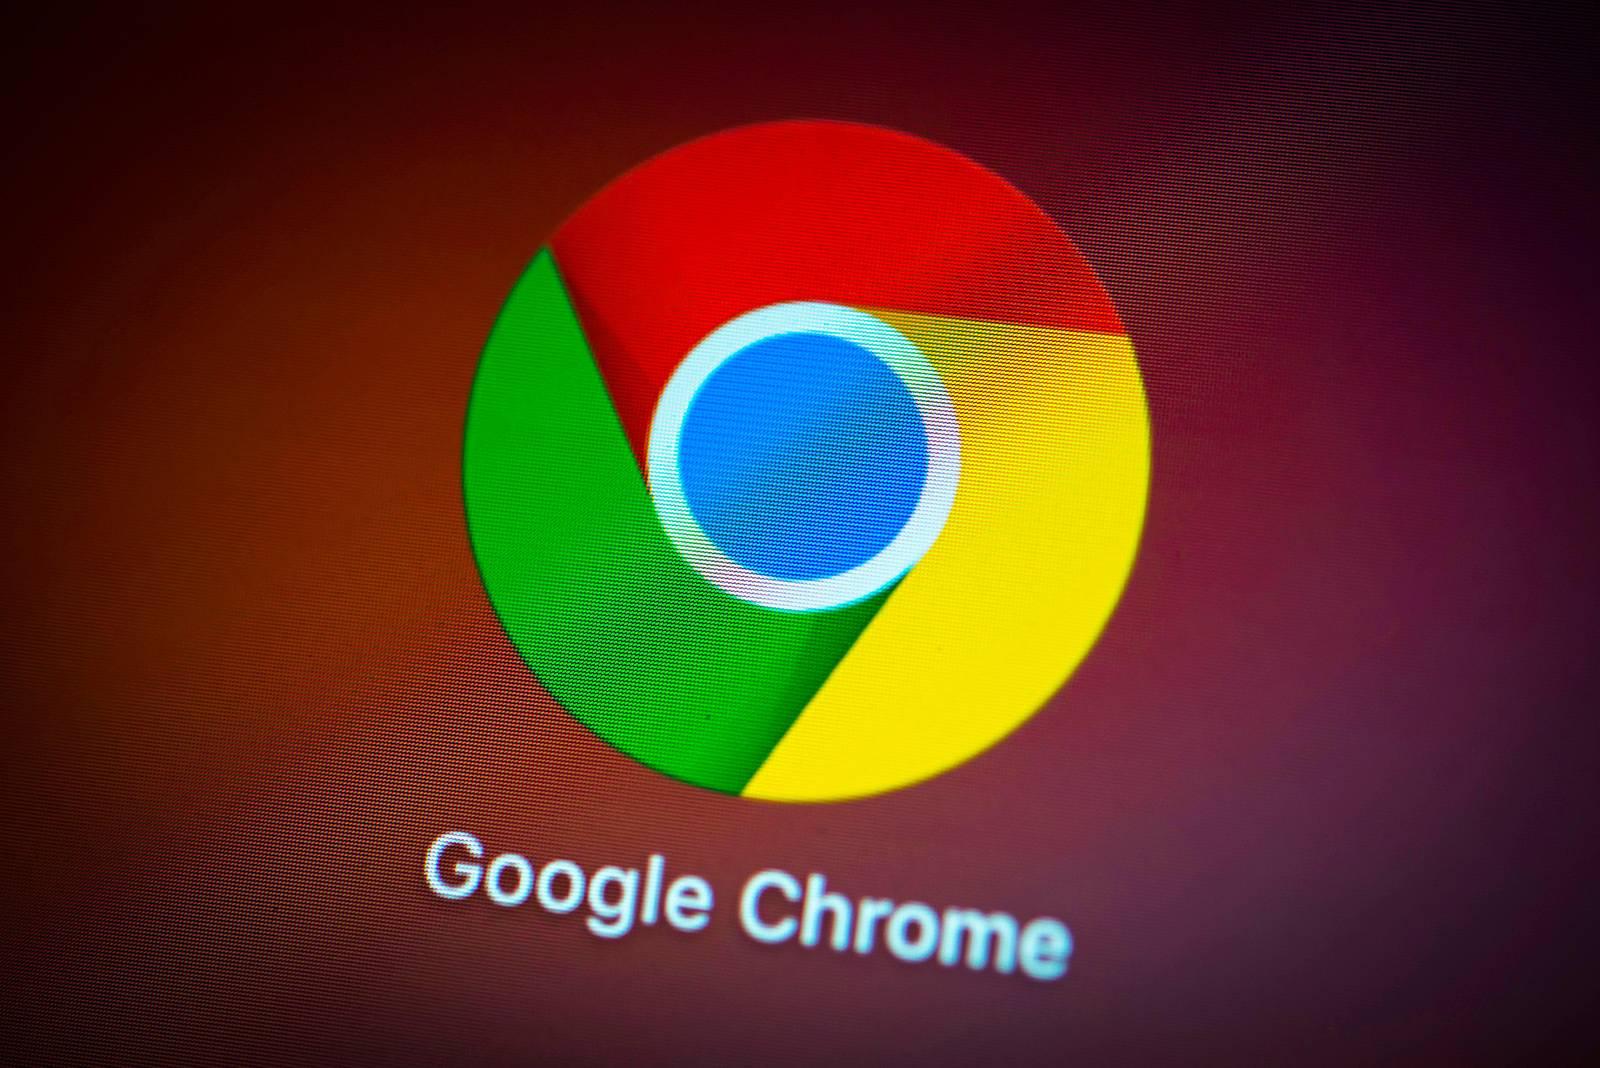 2019 yilda WordPress foydalanuvchilari uchun eng yaxshi Chrome kengaytmalari